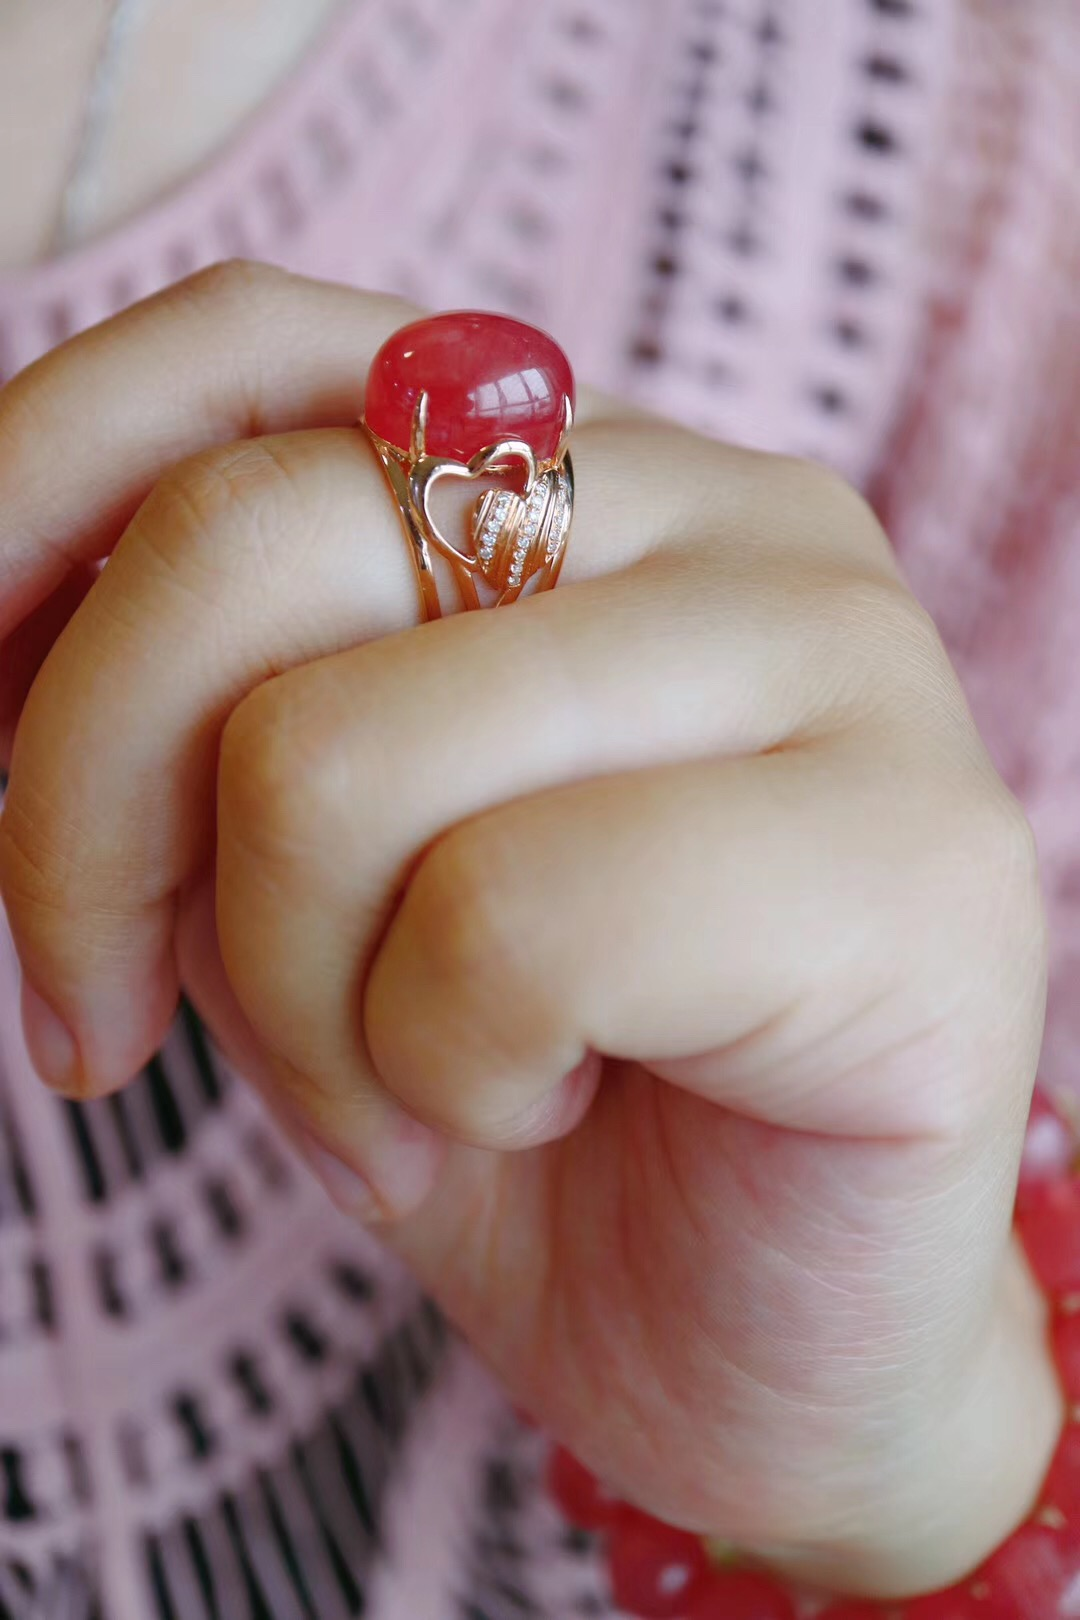 【菩心-红纹石戒】从某一瞬间出发, 去尝试一种永恒。-菩心晶舍